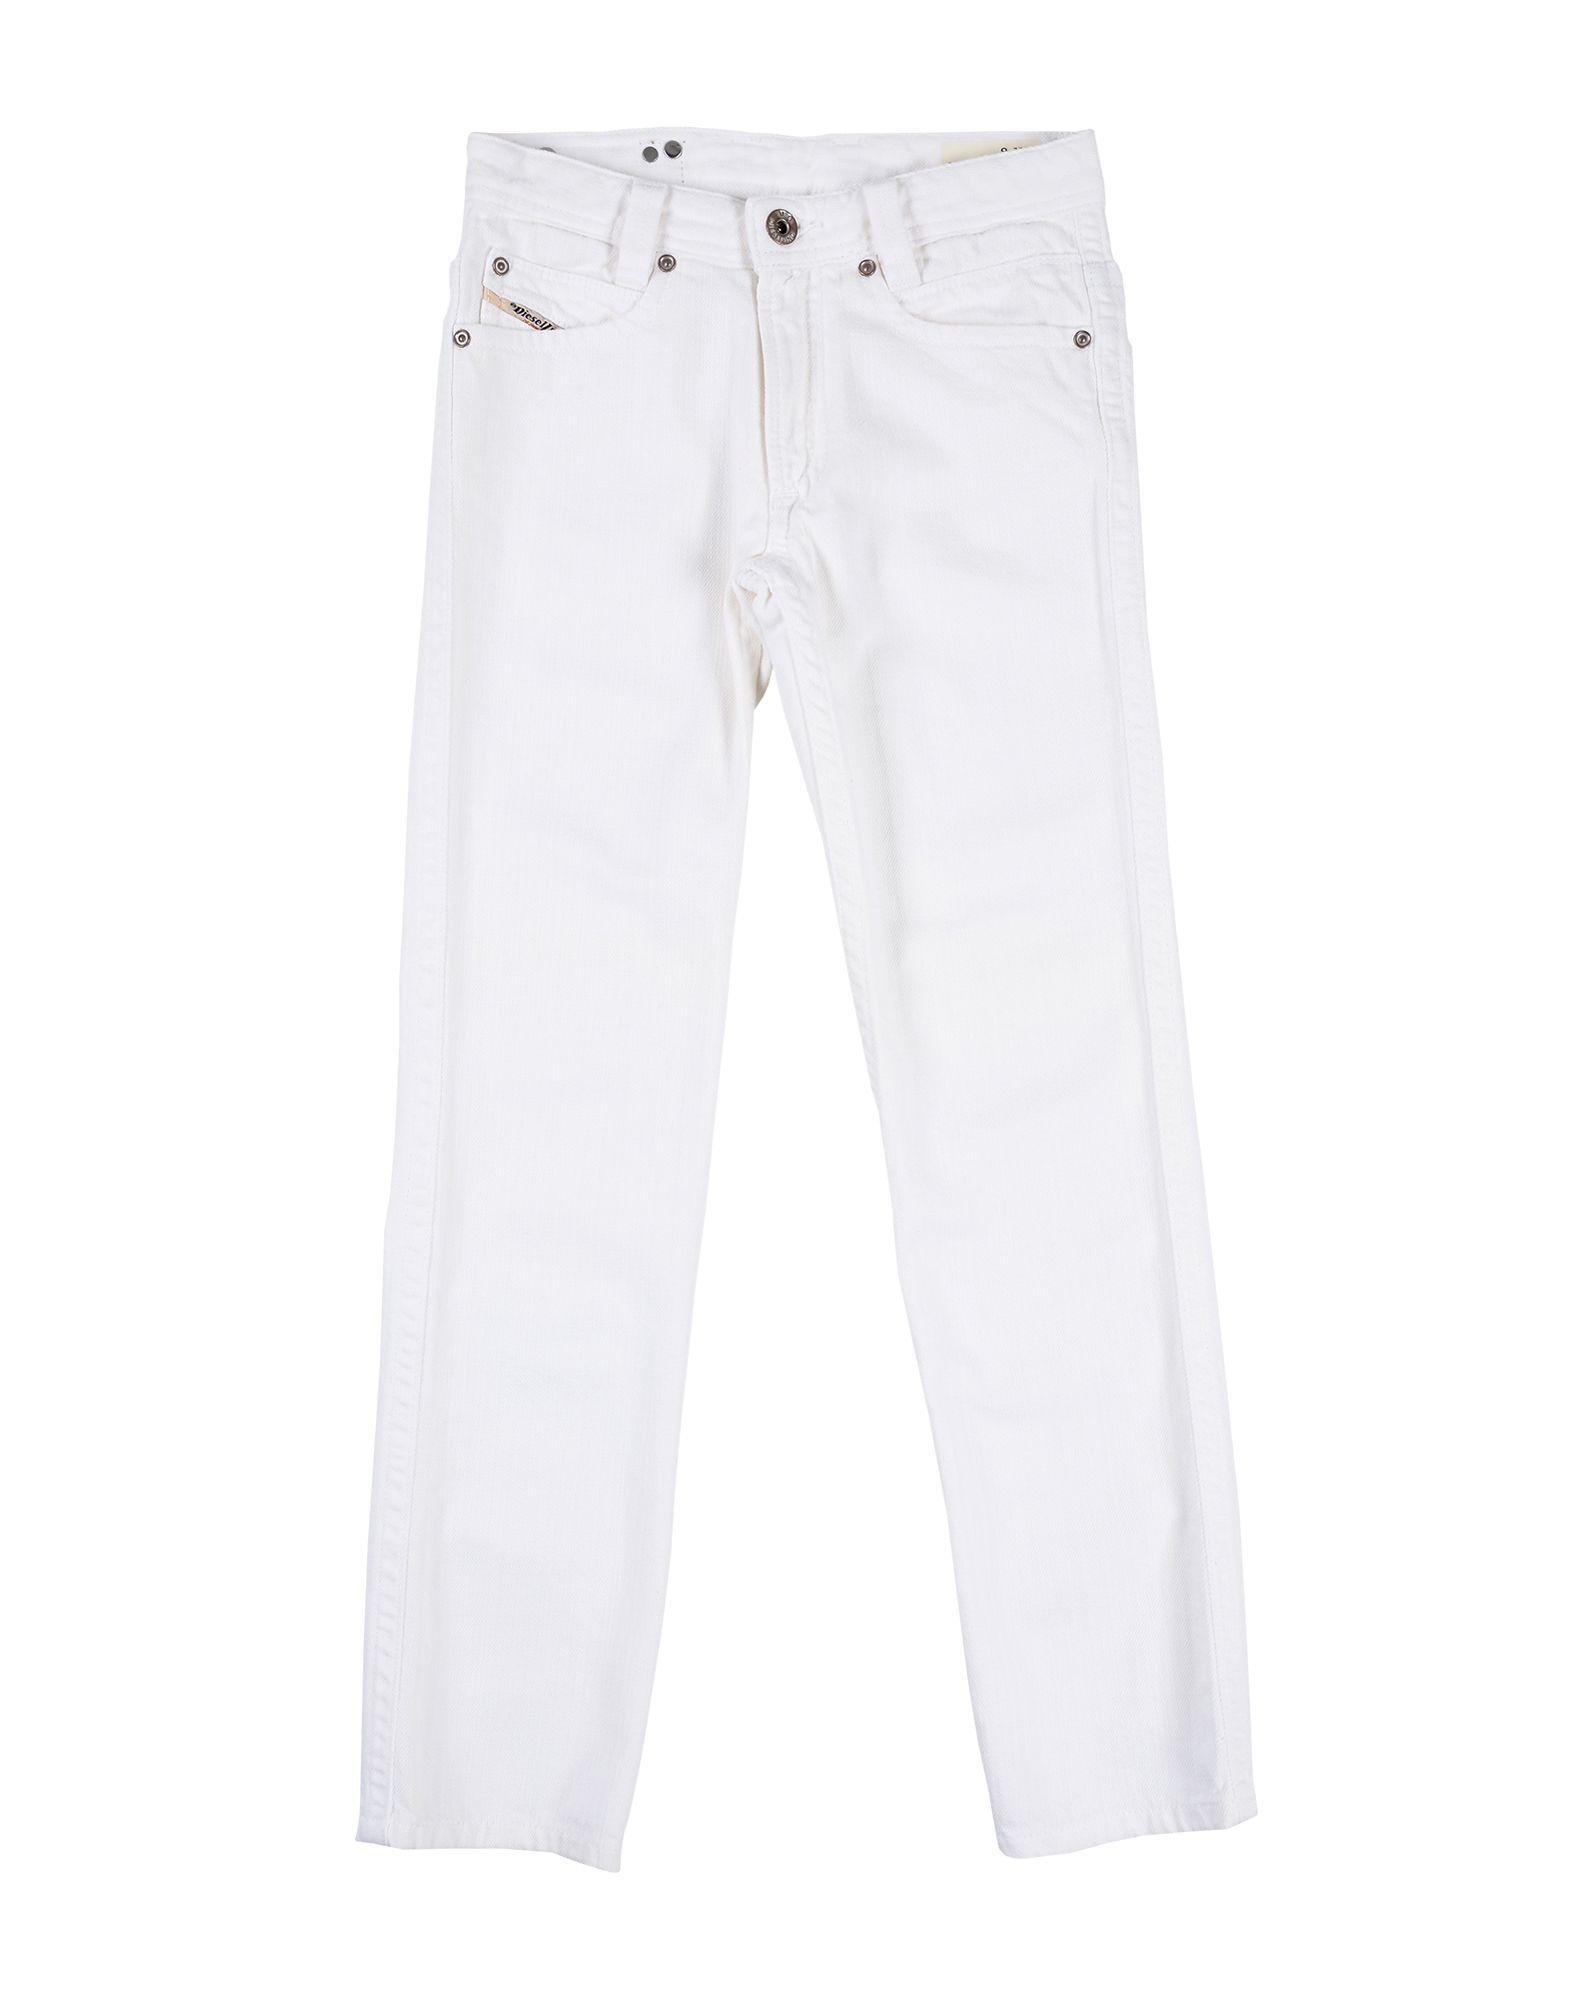 DIESEL | DIESEL Denim Pants 42724746 | Goxip